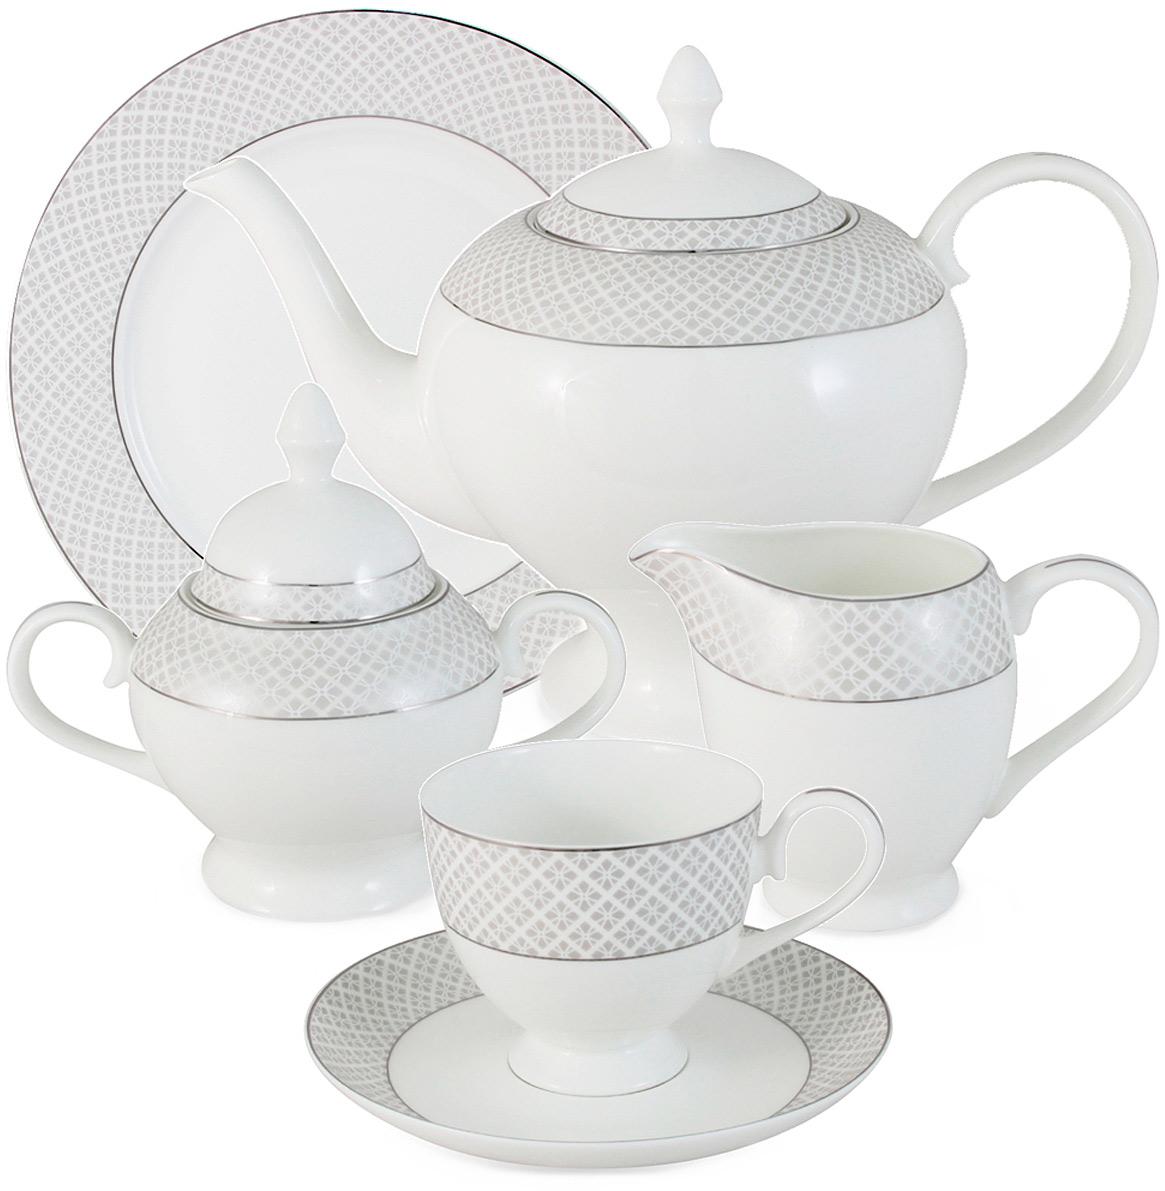 Чайный сервиз Emerald Элеганс, 21 предмет, 6 персон. E5-09-17/21-AL сервиз набор emerald чайный сервиз петергоф 21 предмет на 6 персон e5 16 41 21 al